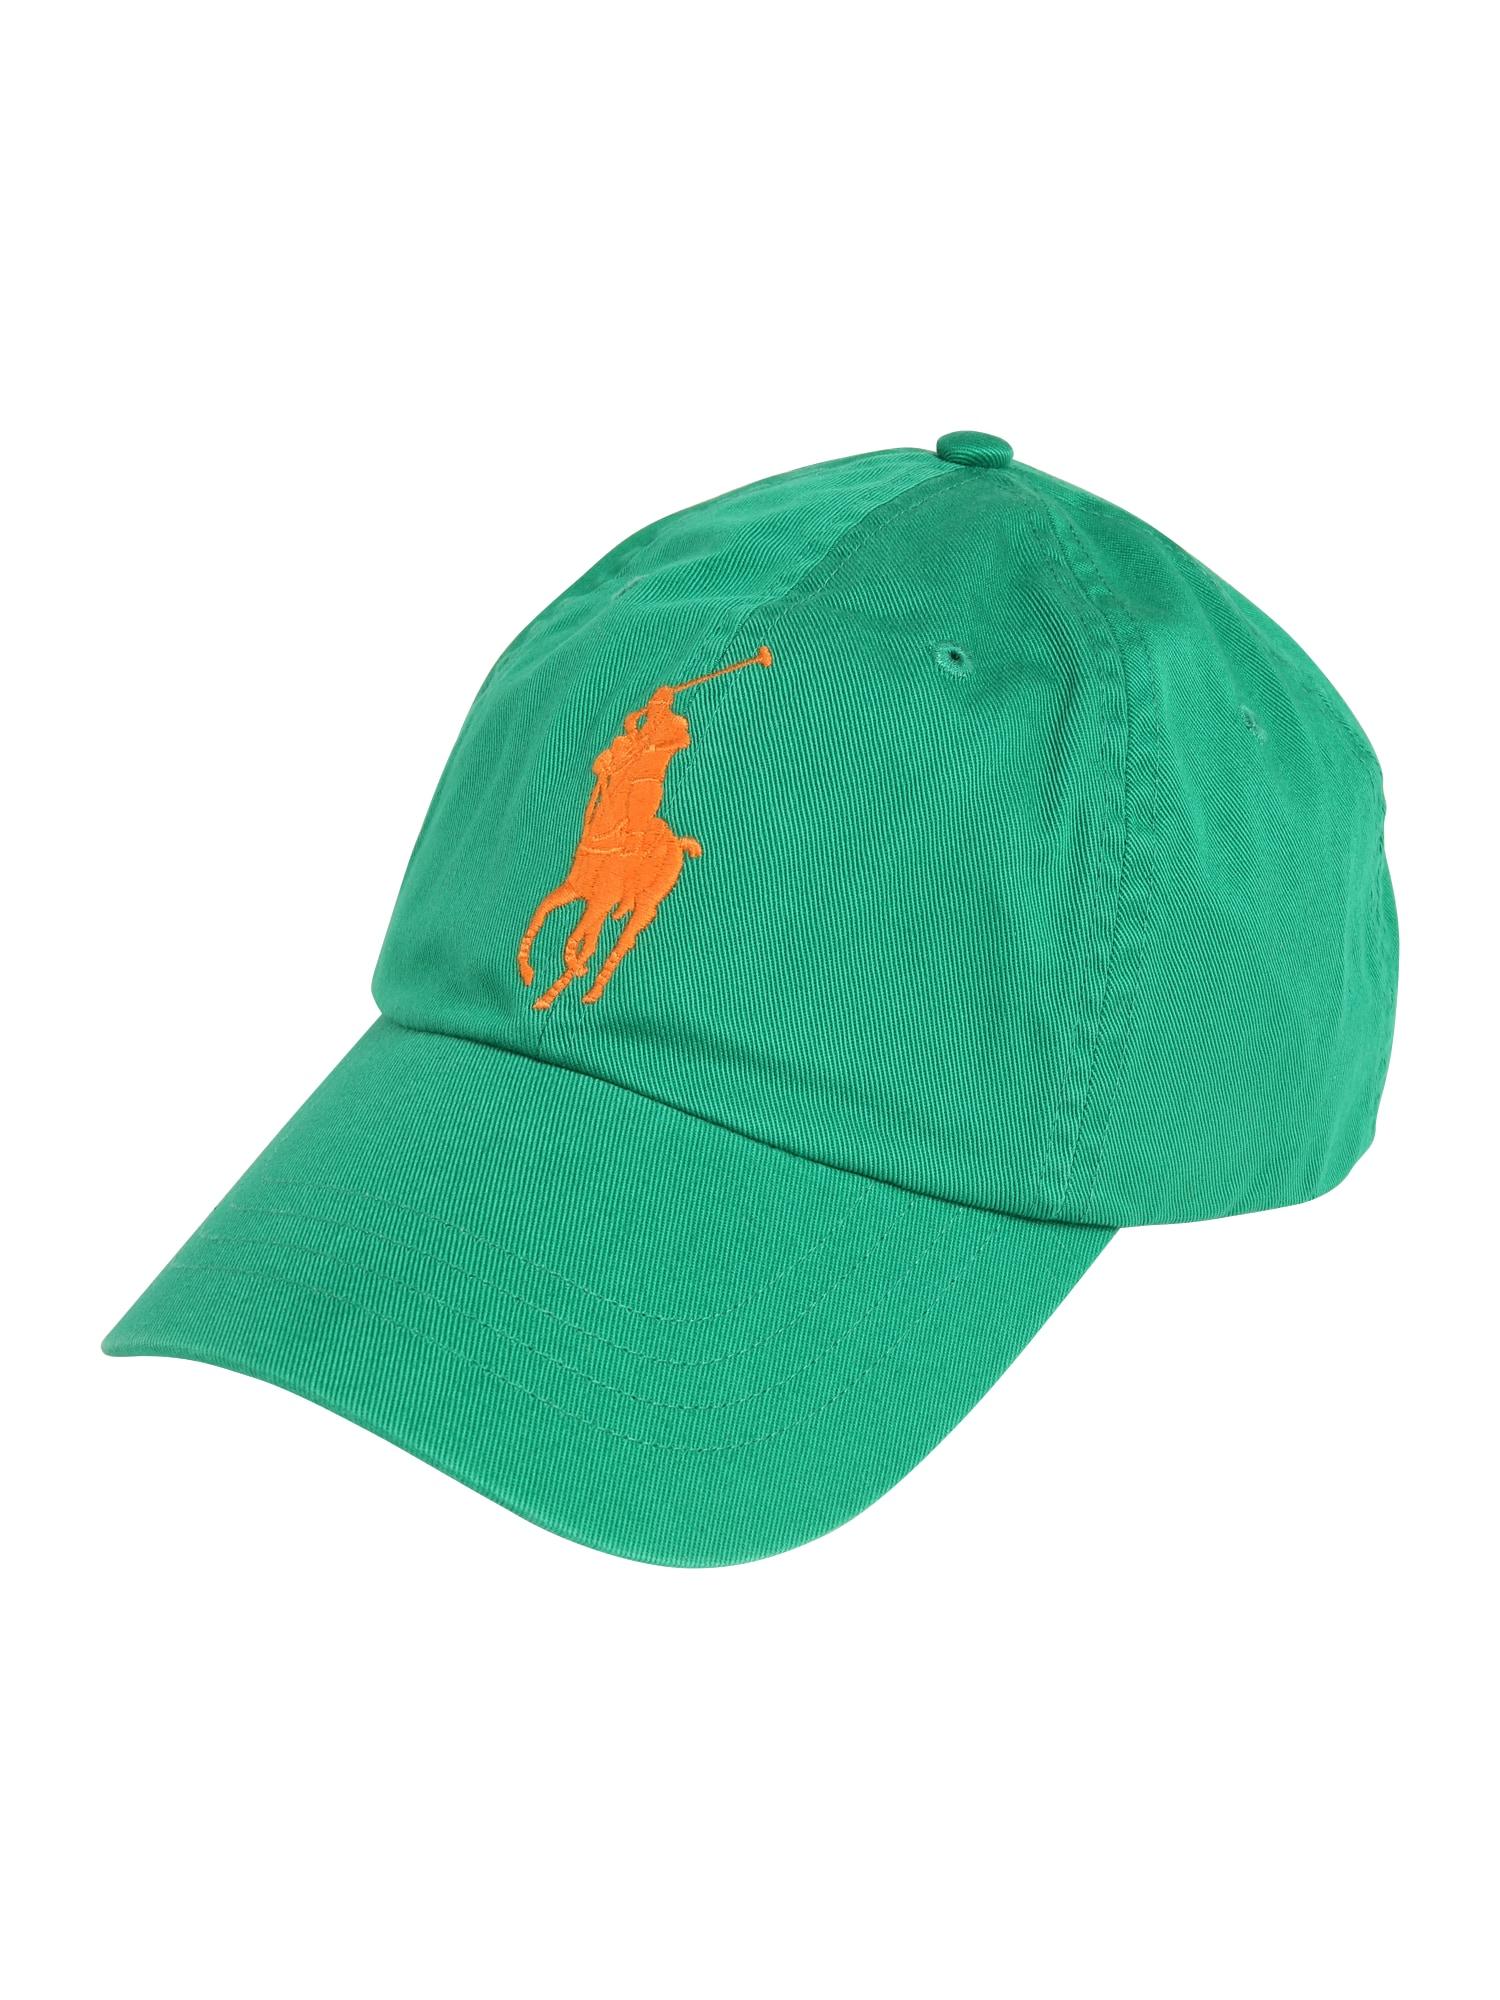 Kšiltovka CLS SPRT zelená oranžová POLO RALPH LAUREN